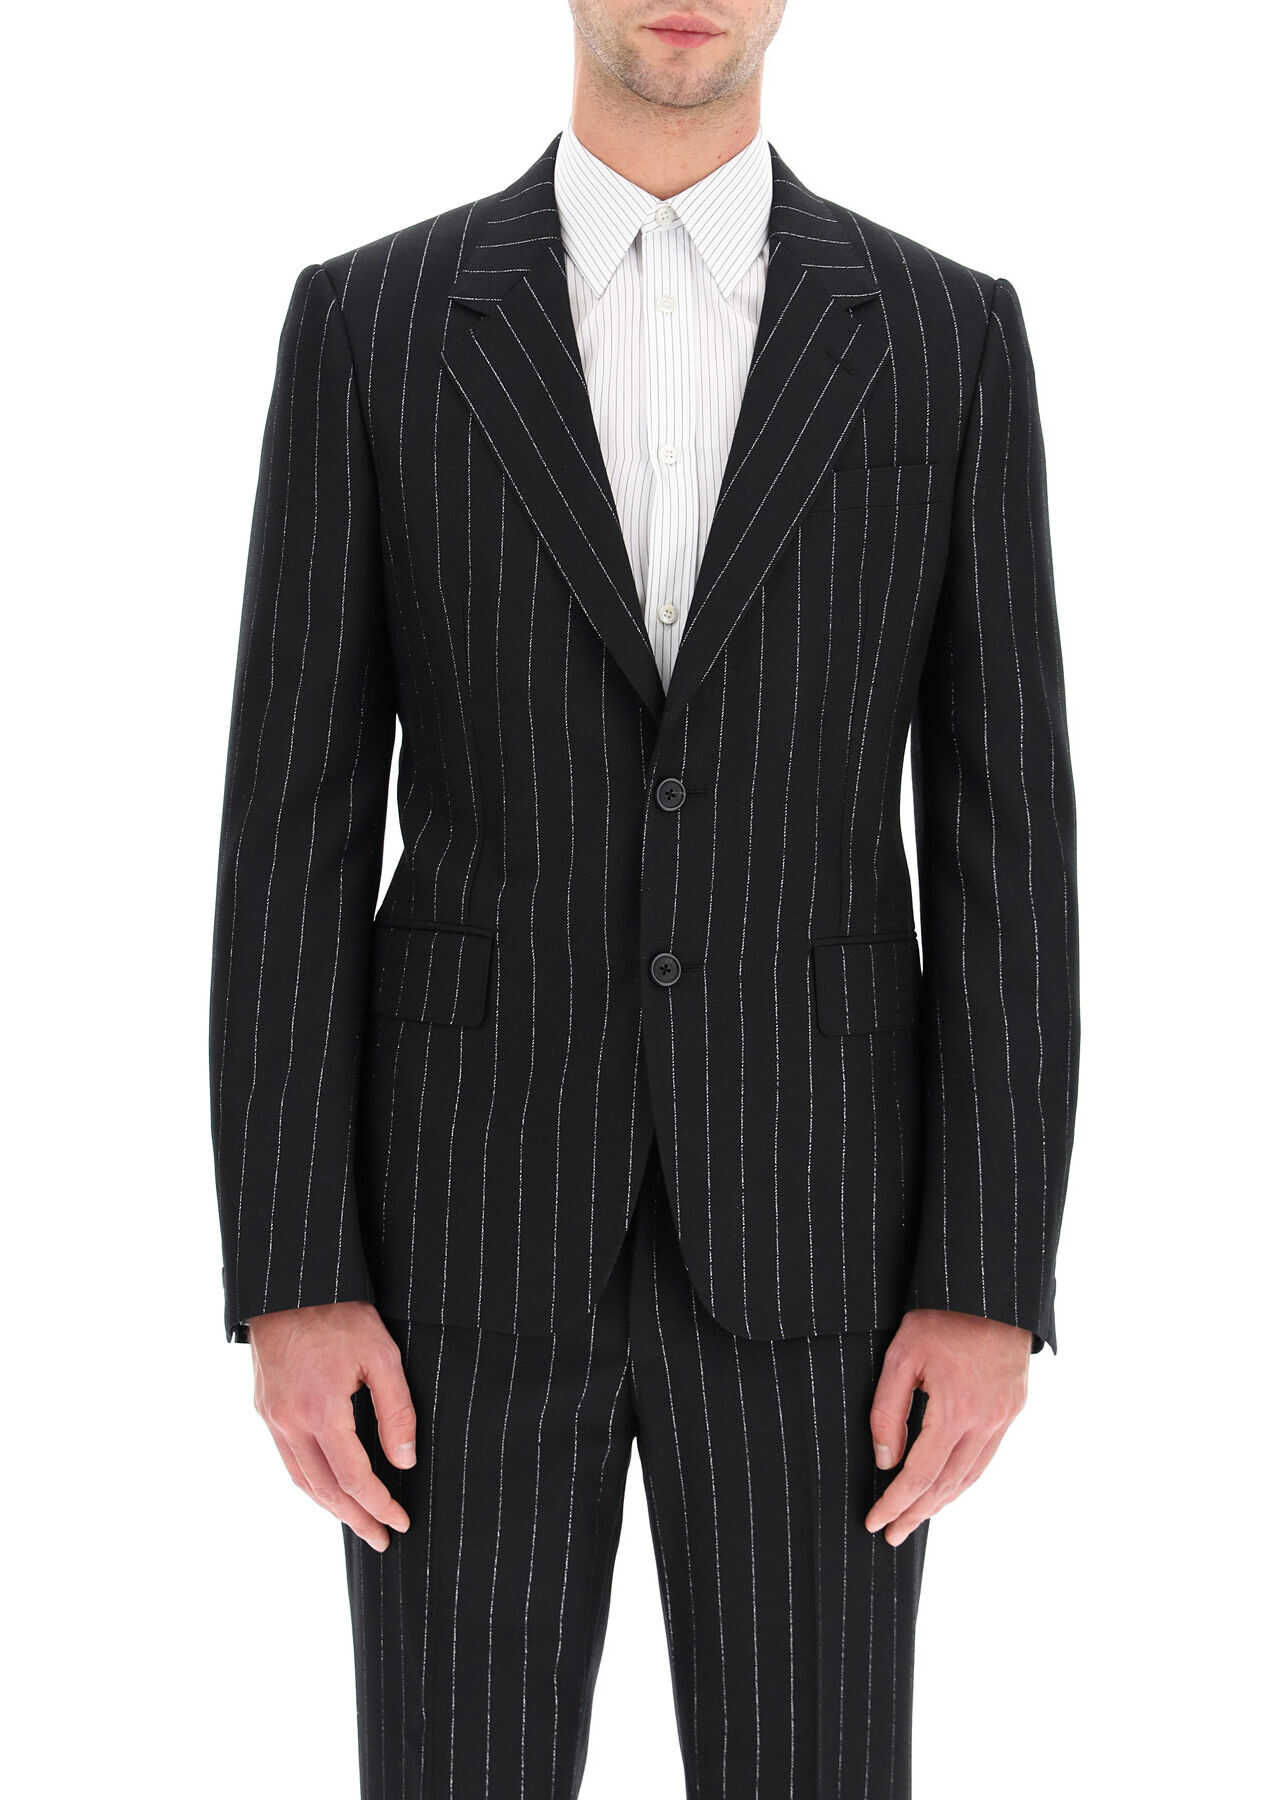 Alexander McQueen Lurex Pinstripe Wool Blazer BLACK SILVER imagine